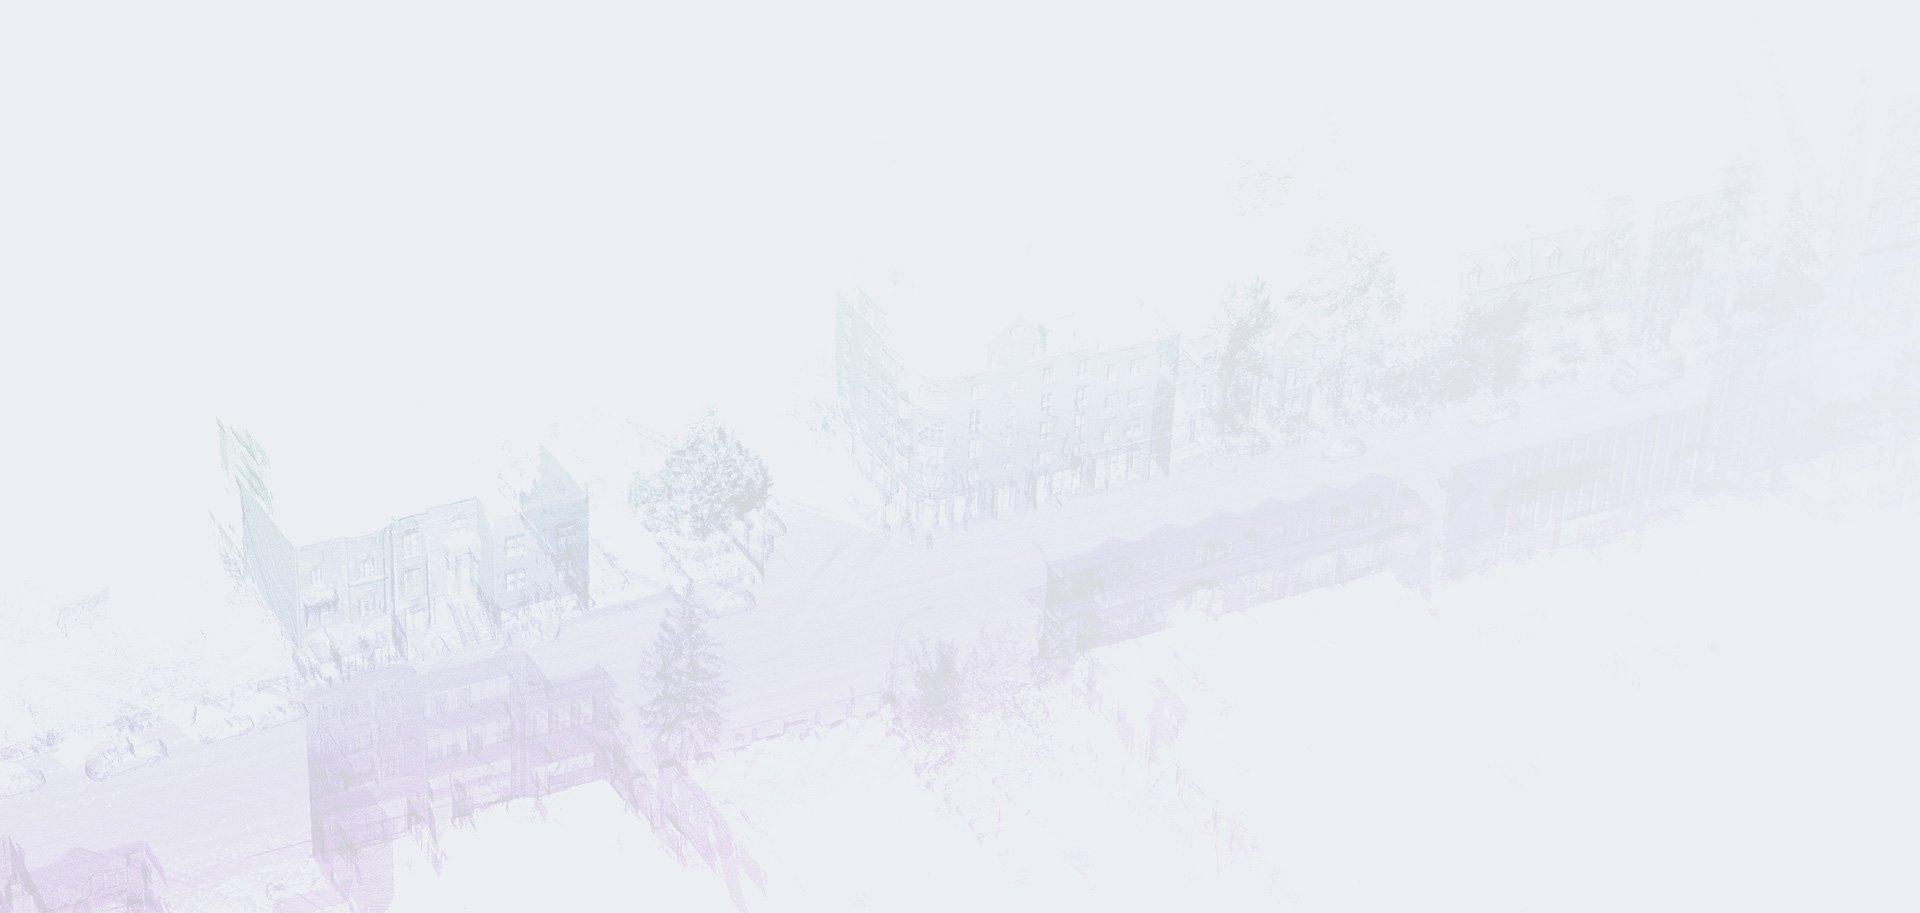 Jakarto_Jakartown_Background_V02